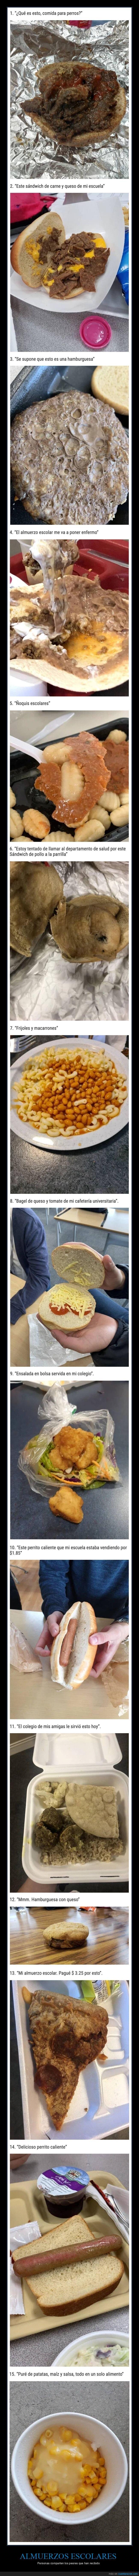 almuerzos,asco,comida,escolares